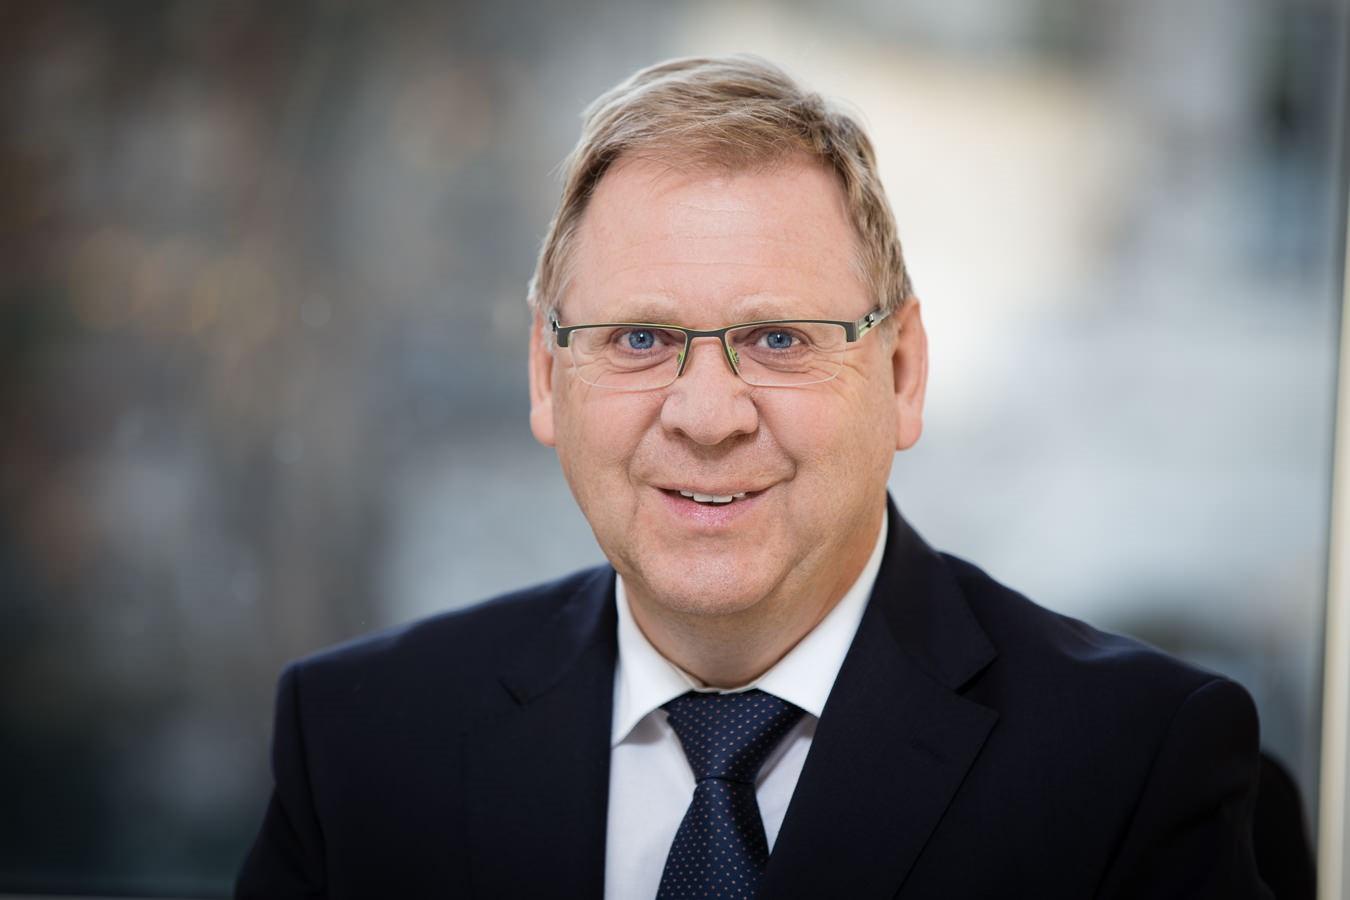 https://www.kwg-helmstedt.de/media/GFJohann.jpg